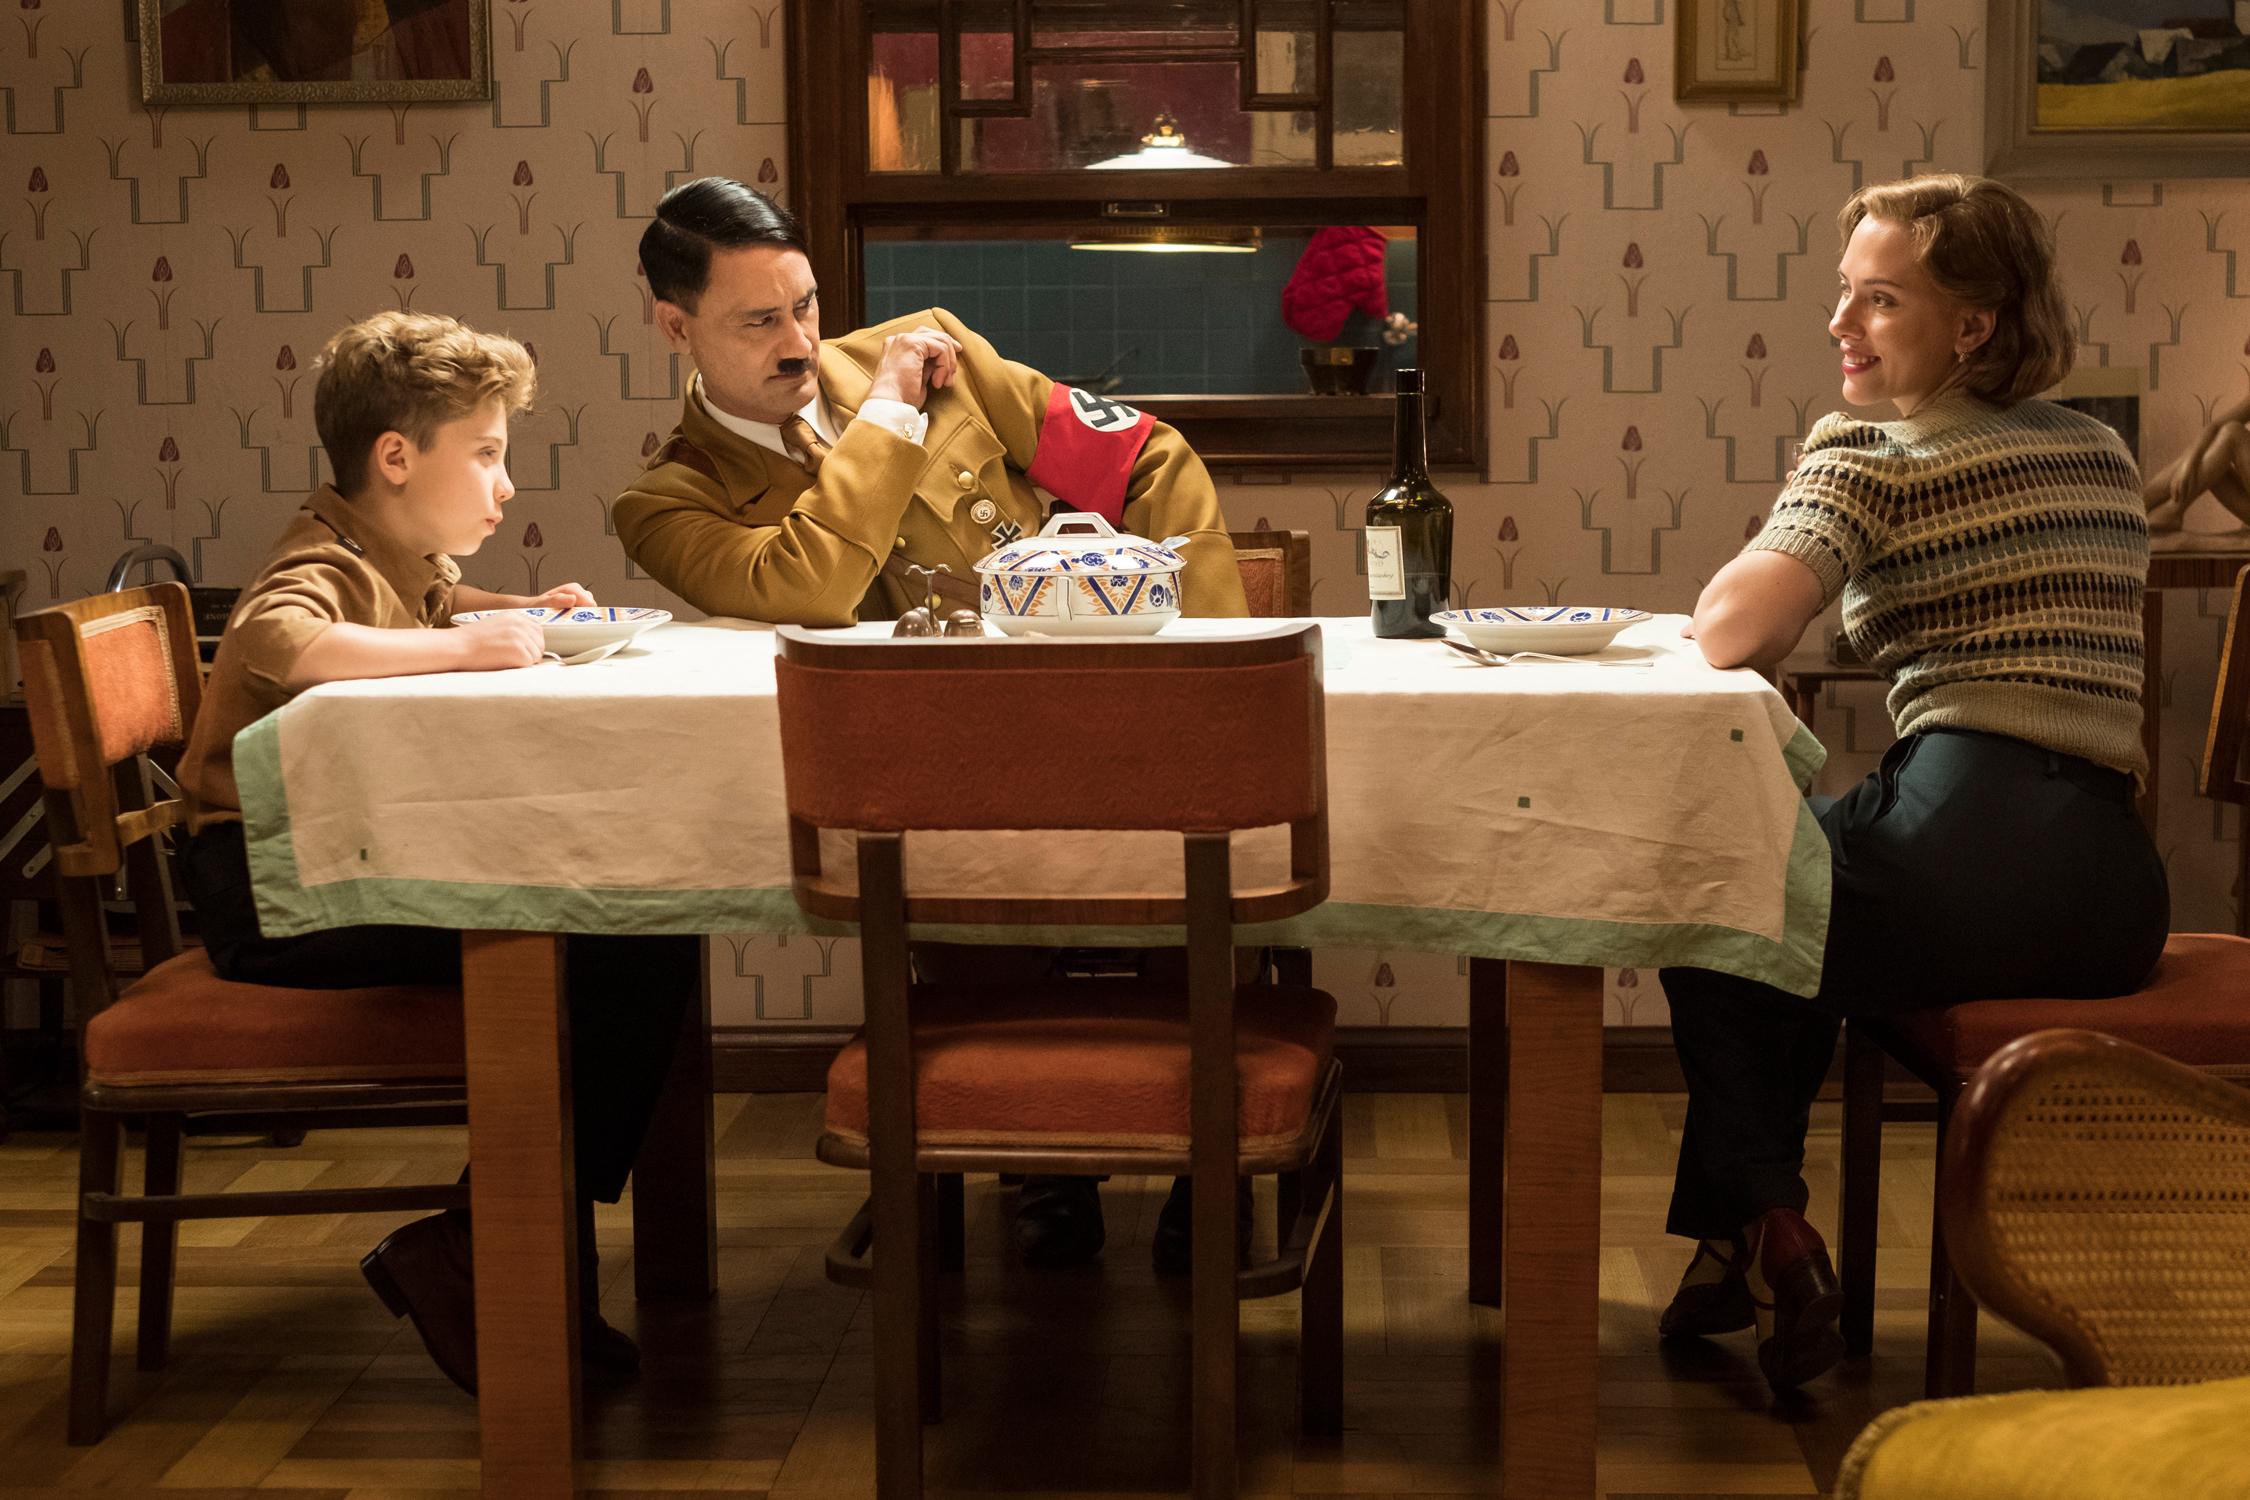 Tallinnassa käynnistyy kahden viikon mittainen elokuvajuhla, josta moni ei tiedä – Näitä viittä elokuvaa odotan